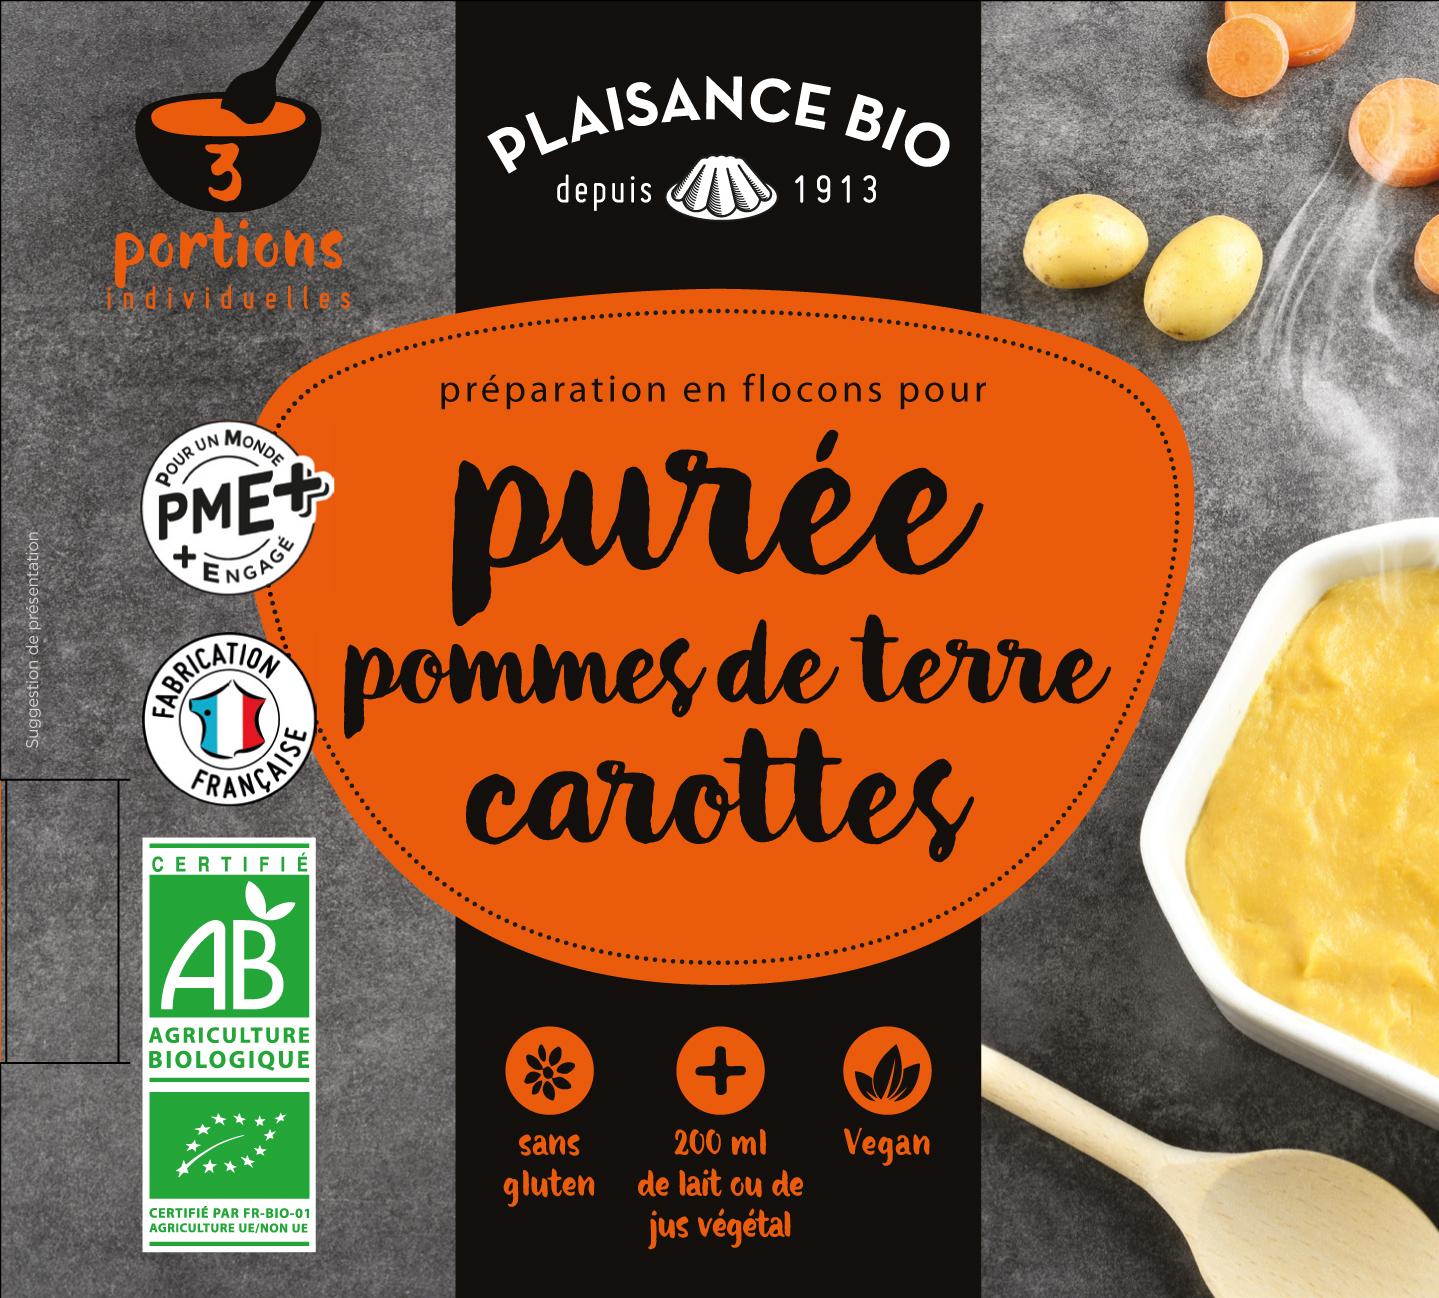 PUREE PDT CAROTTTES PLAISANCE BIO 2019